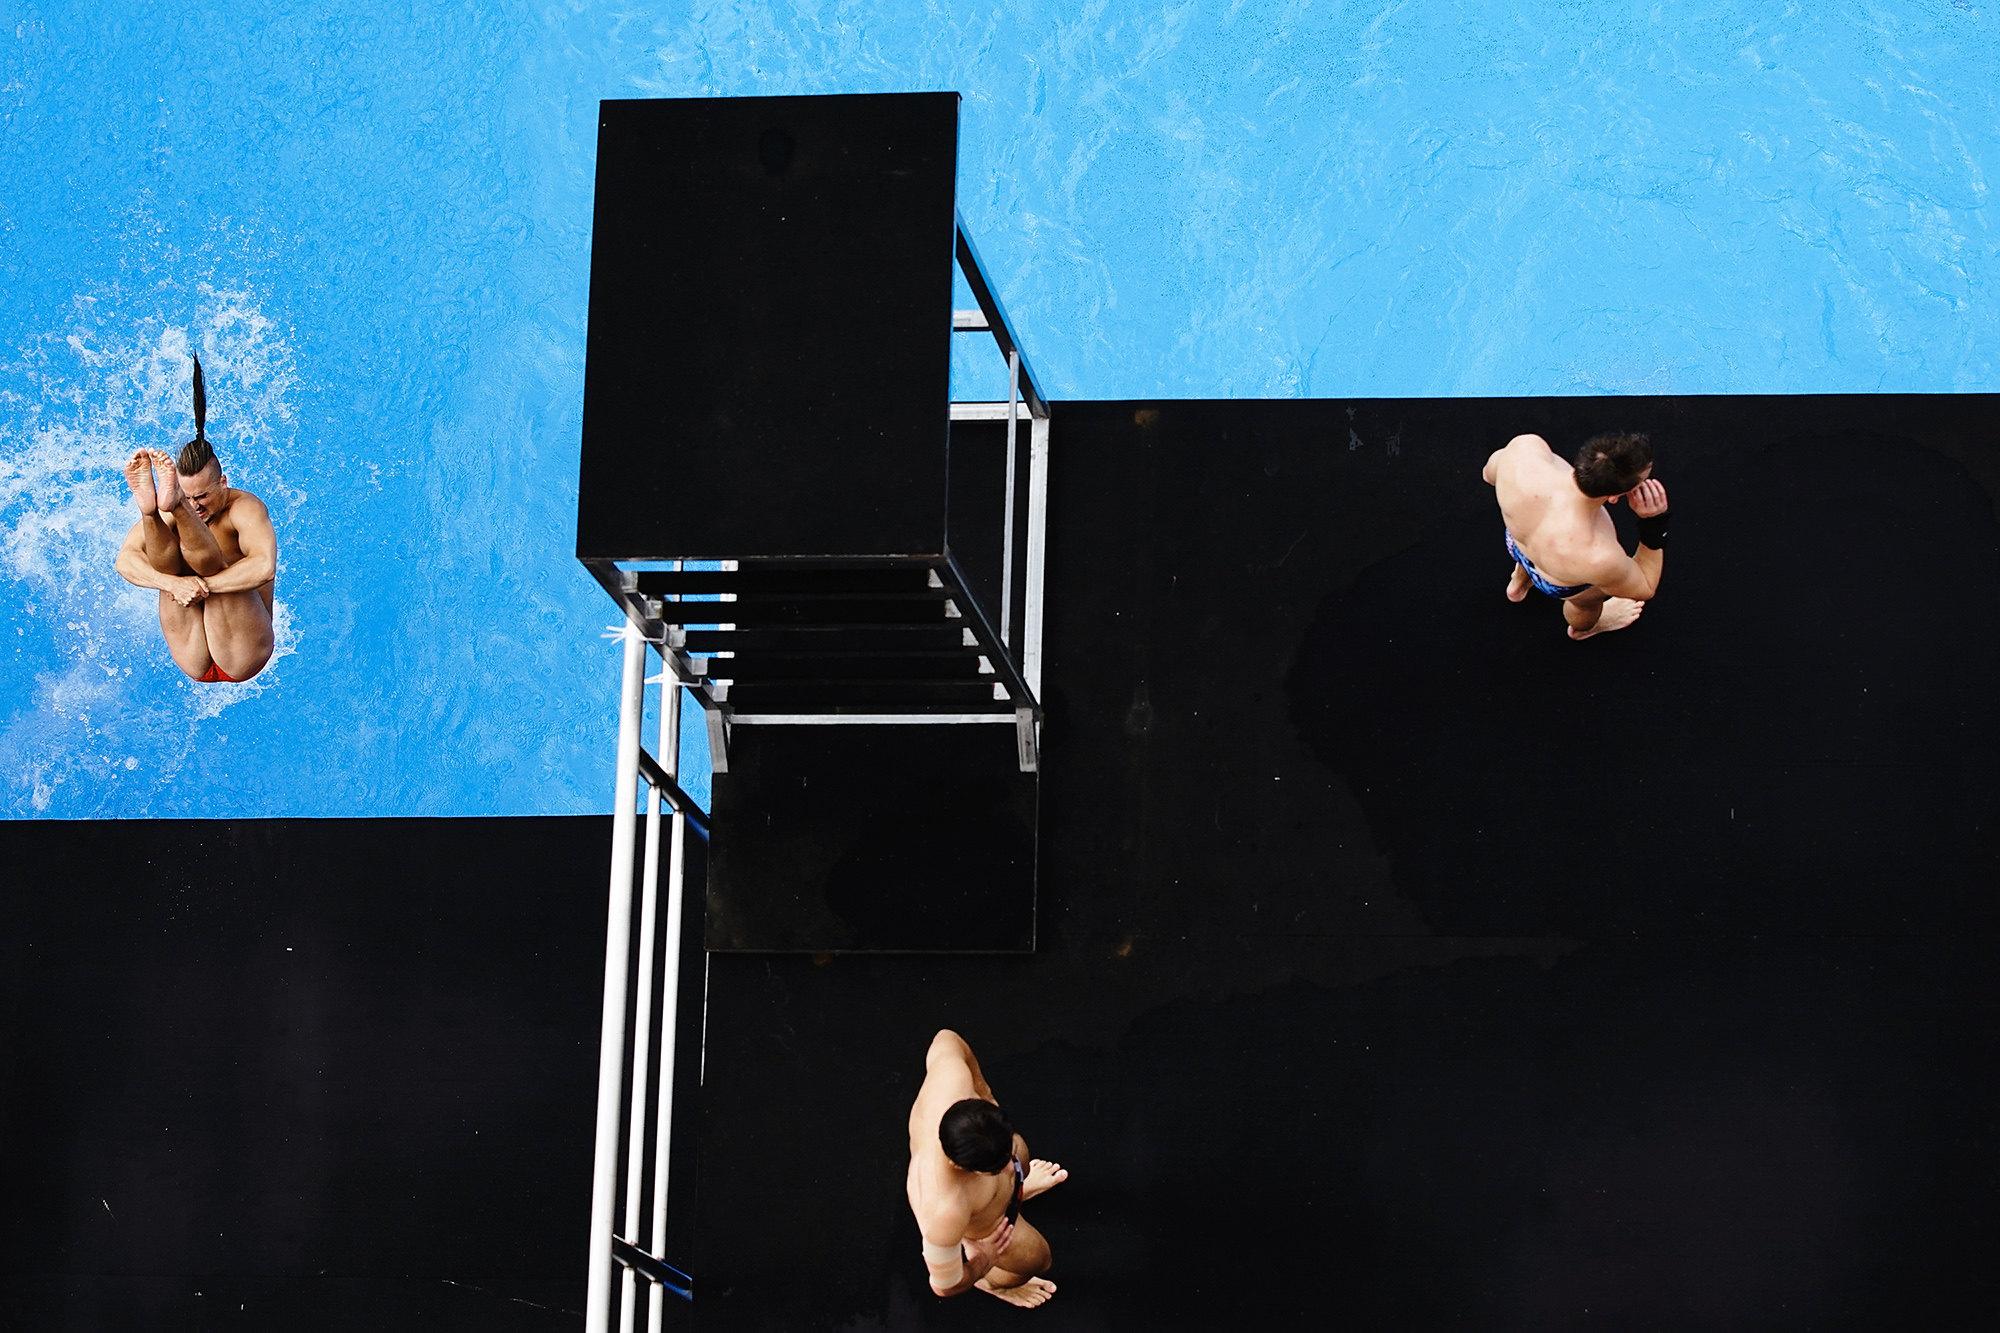 Спортсмены разминаются передфиналом соревнований попрыжкам вводу свышки 27 м среди мужчин навторой день чемпионата мира поводолазному спорту FINA вZhaoqing High Diving Training Centre. 26 мая 2019 года, Чжаоцин, Китай.